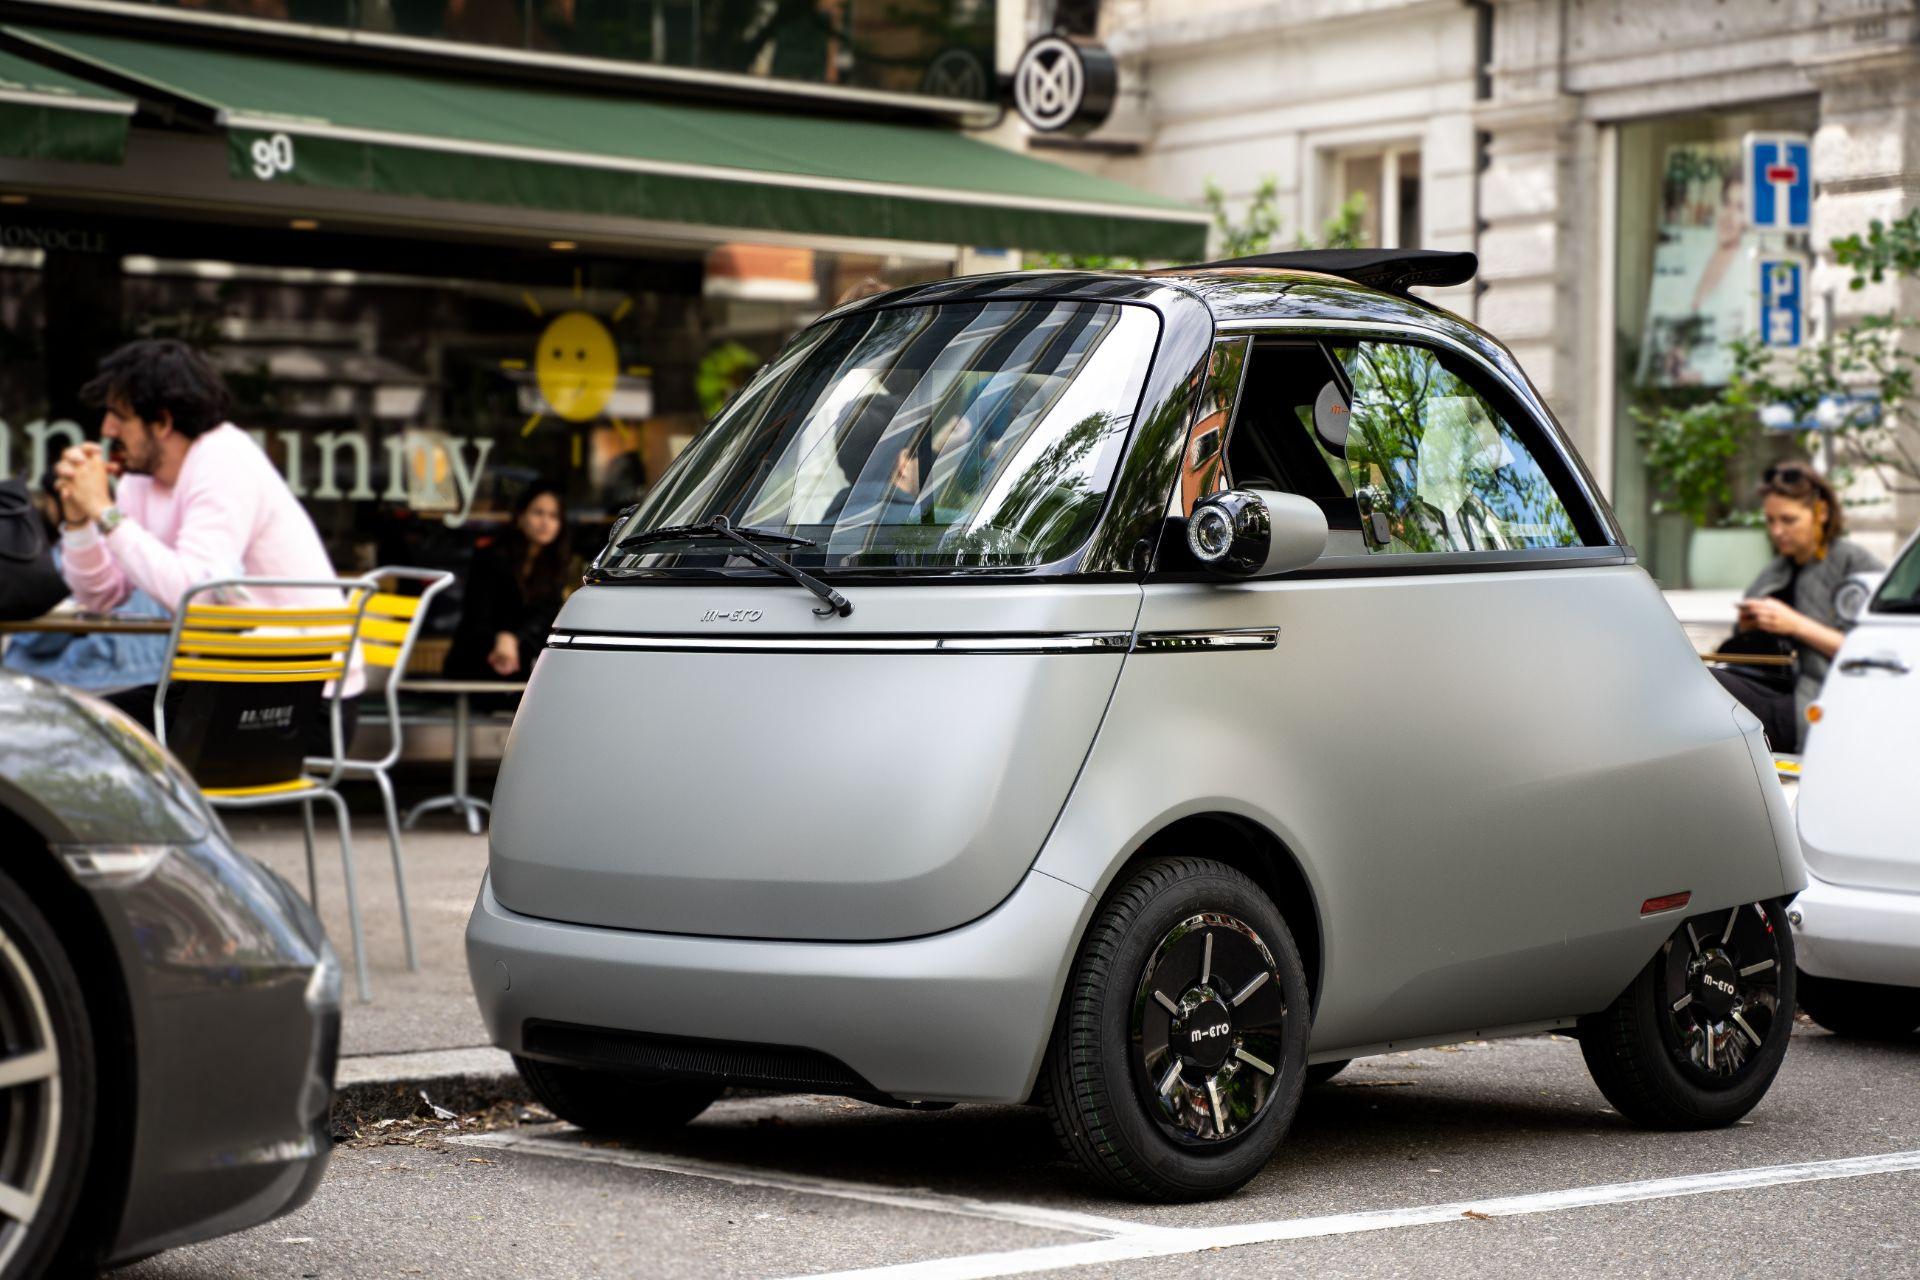 Xe điện tí hon Microlino 2.0 tái sinh huyền thoại BMW Isetta - 4